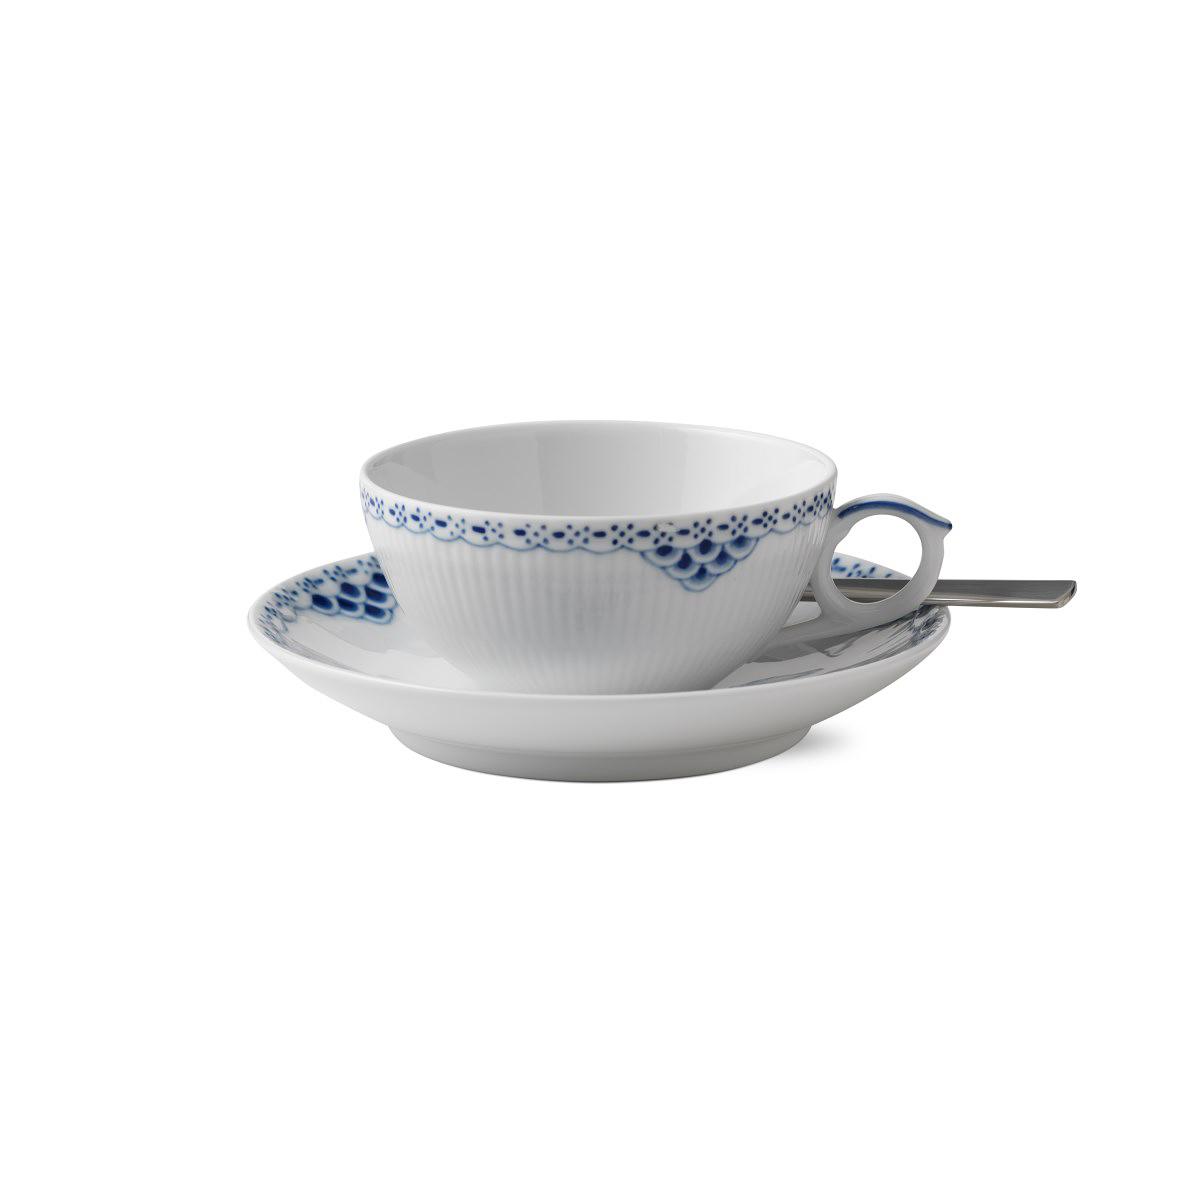 Royal Copenhagen, Princess Tea Cup and Saucer 6.75oz.